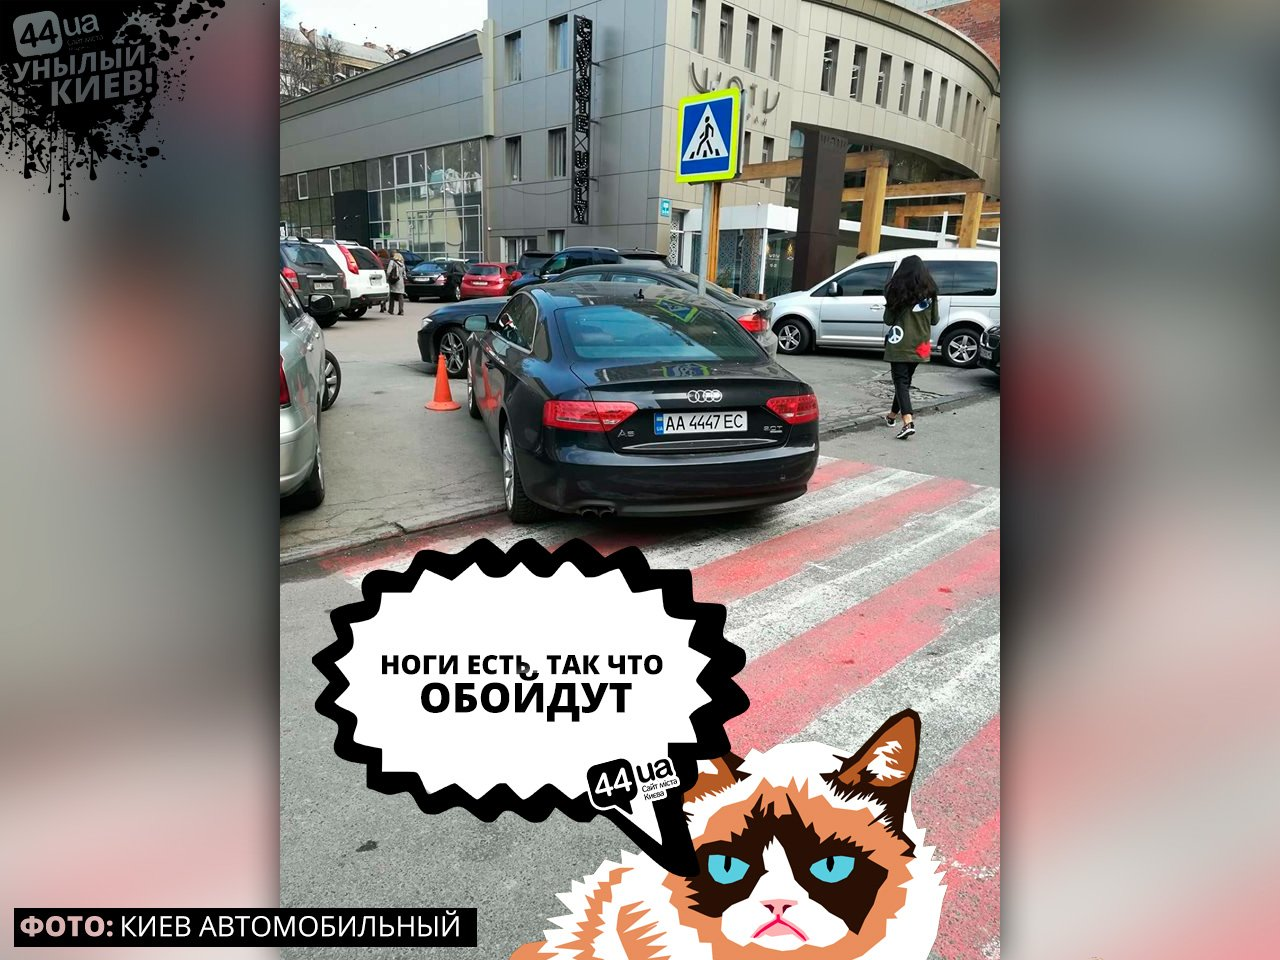 Унылый Киев: ТОП-7 героев парковки, живущих в столице, фото-2